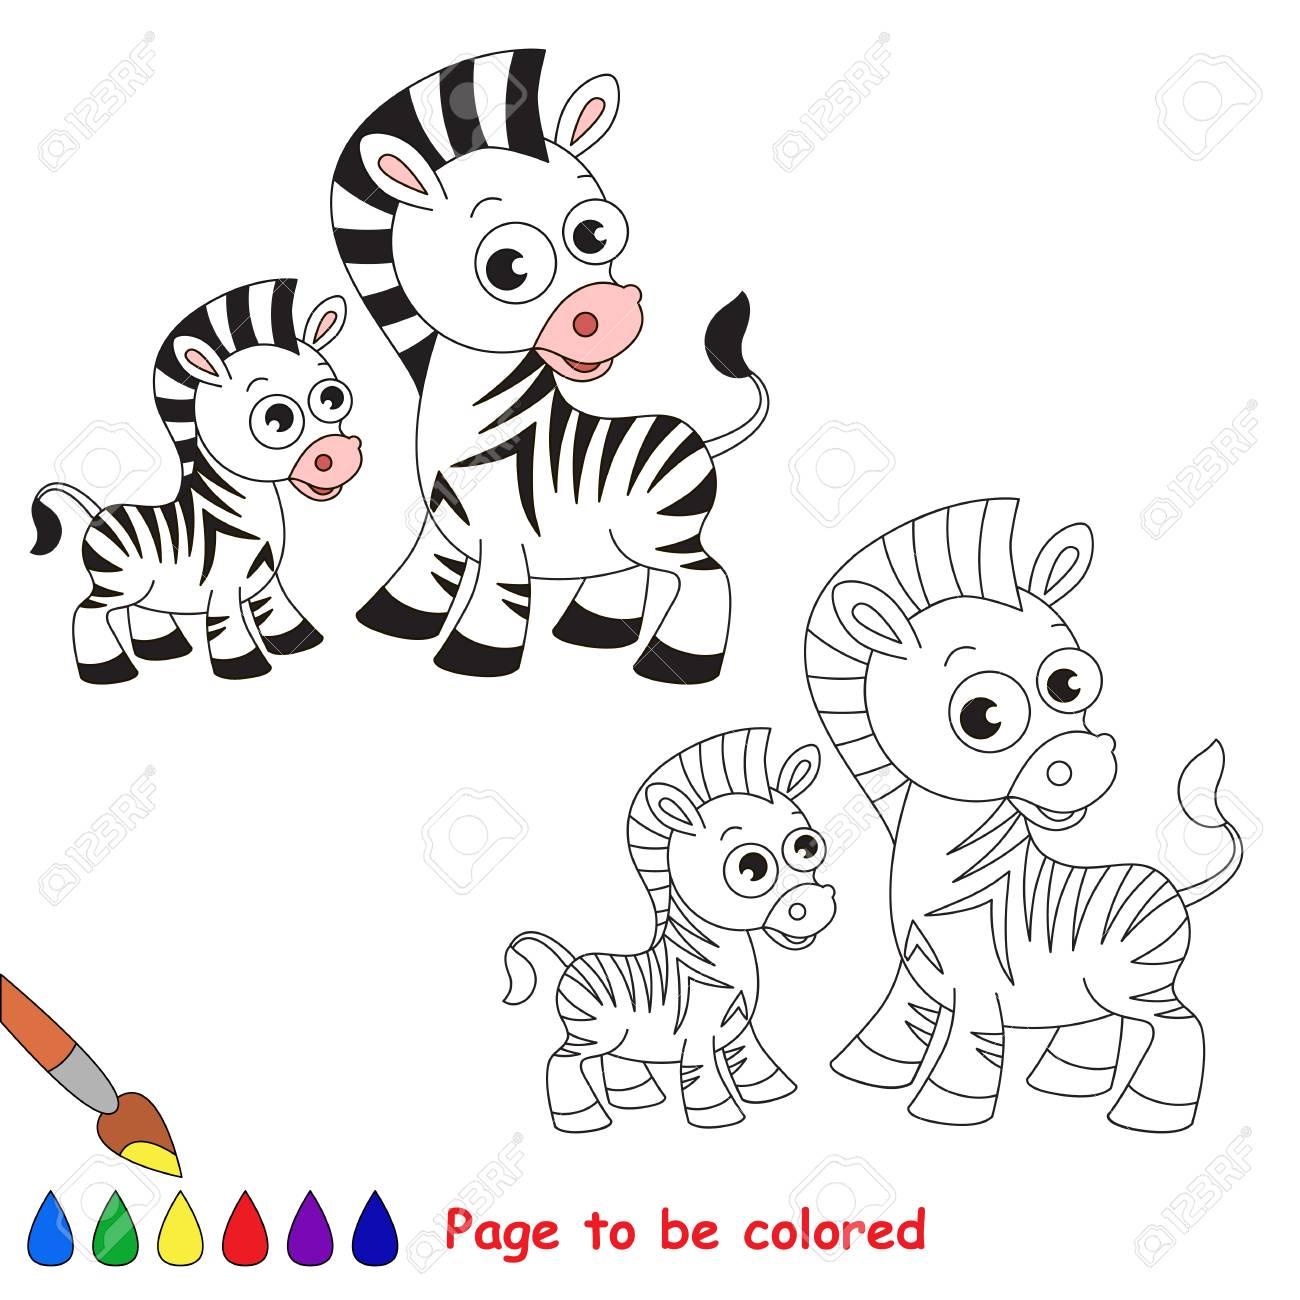 Coloriage Bebe Zebre.Zebra Et Son Bebe A Etre Colores Livre A Colorier Pour Eduquer Les Enfants Apprenez Couleurs Jeu Educatif Visuel Facile Jeu D Enfant Et De